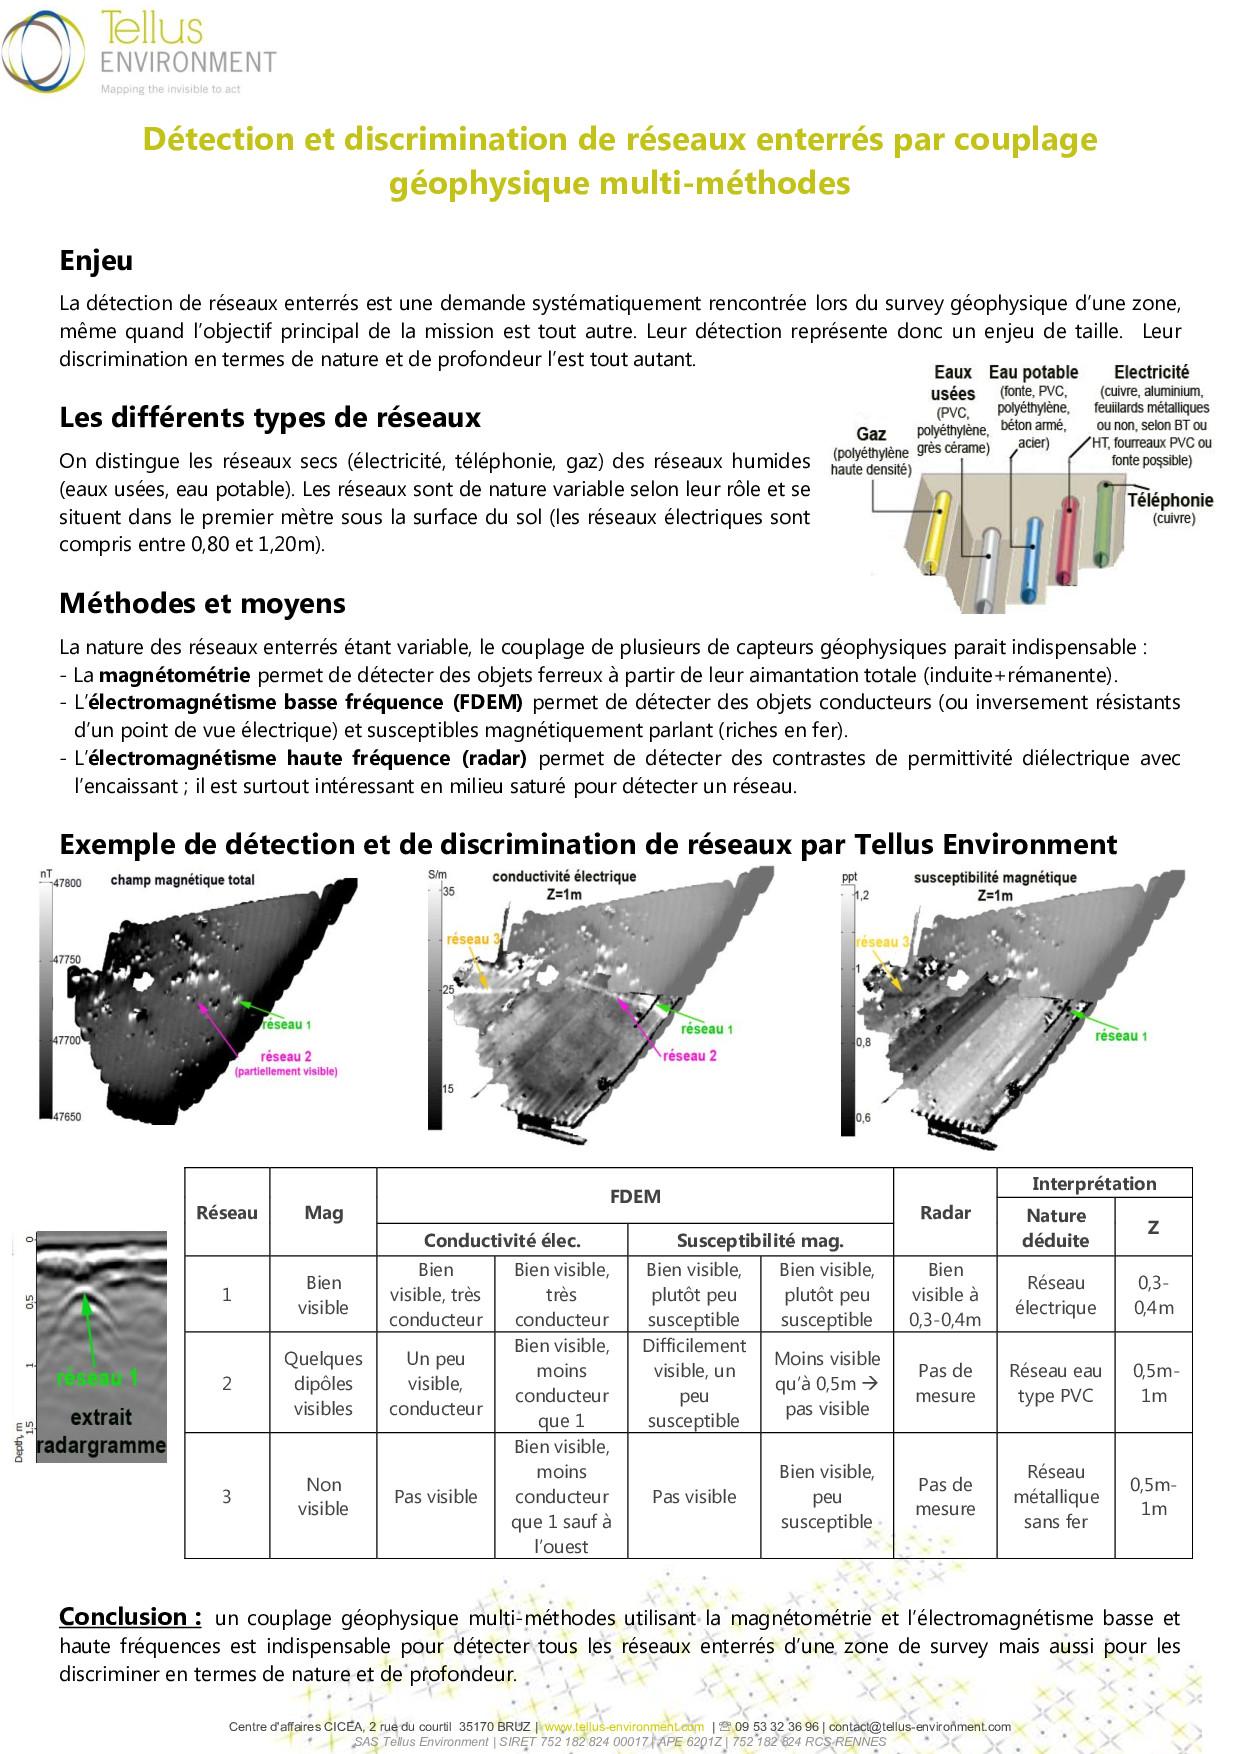 5 Tellus Environment Détection et discrimination de réseaux enterrés EM Radar Mag p001 - Tellus Environment